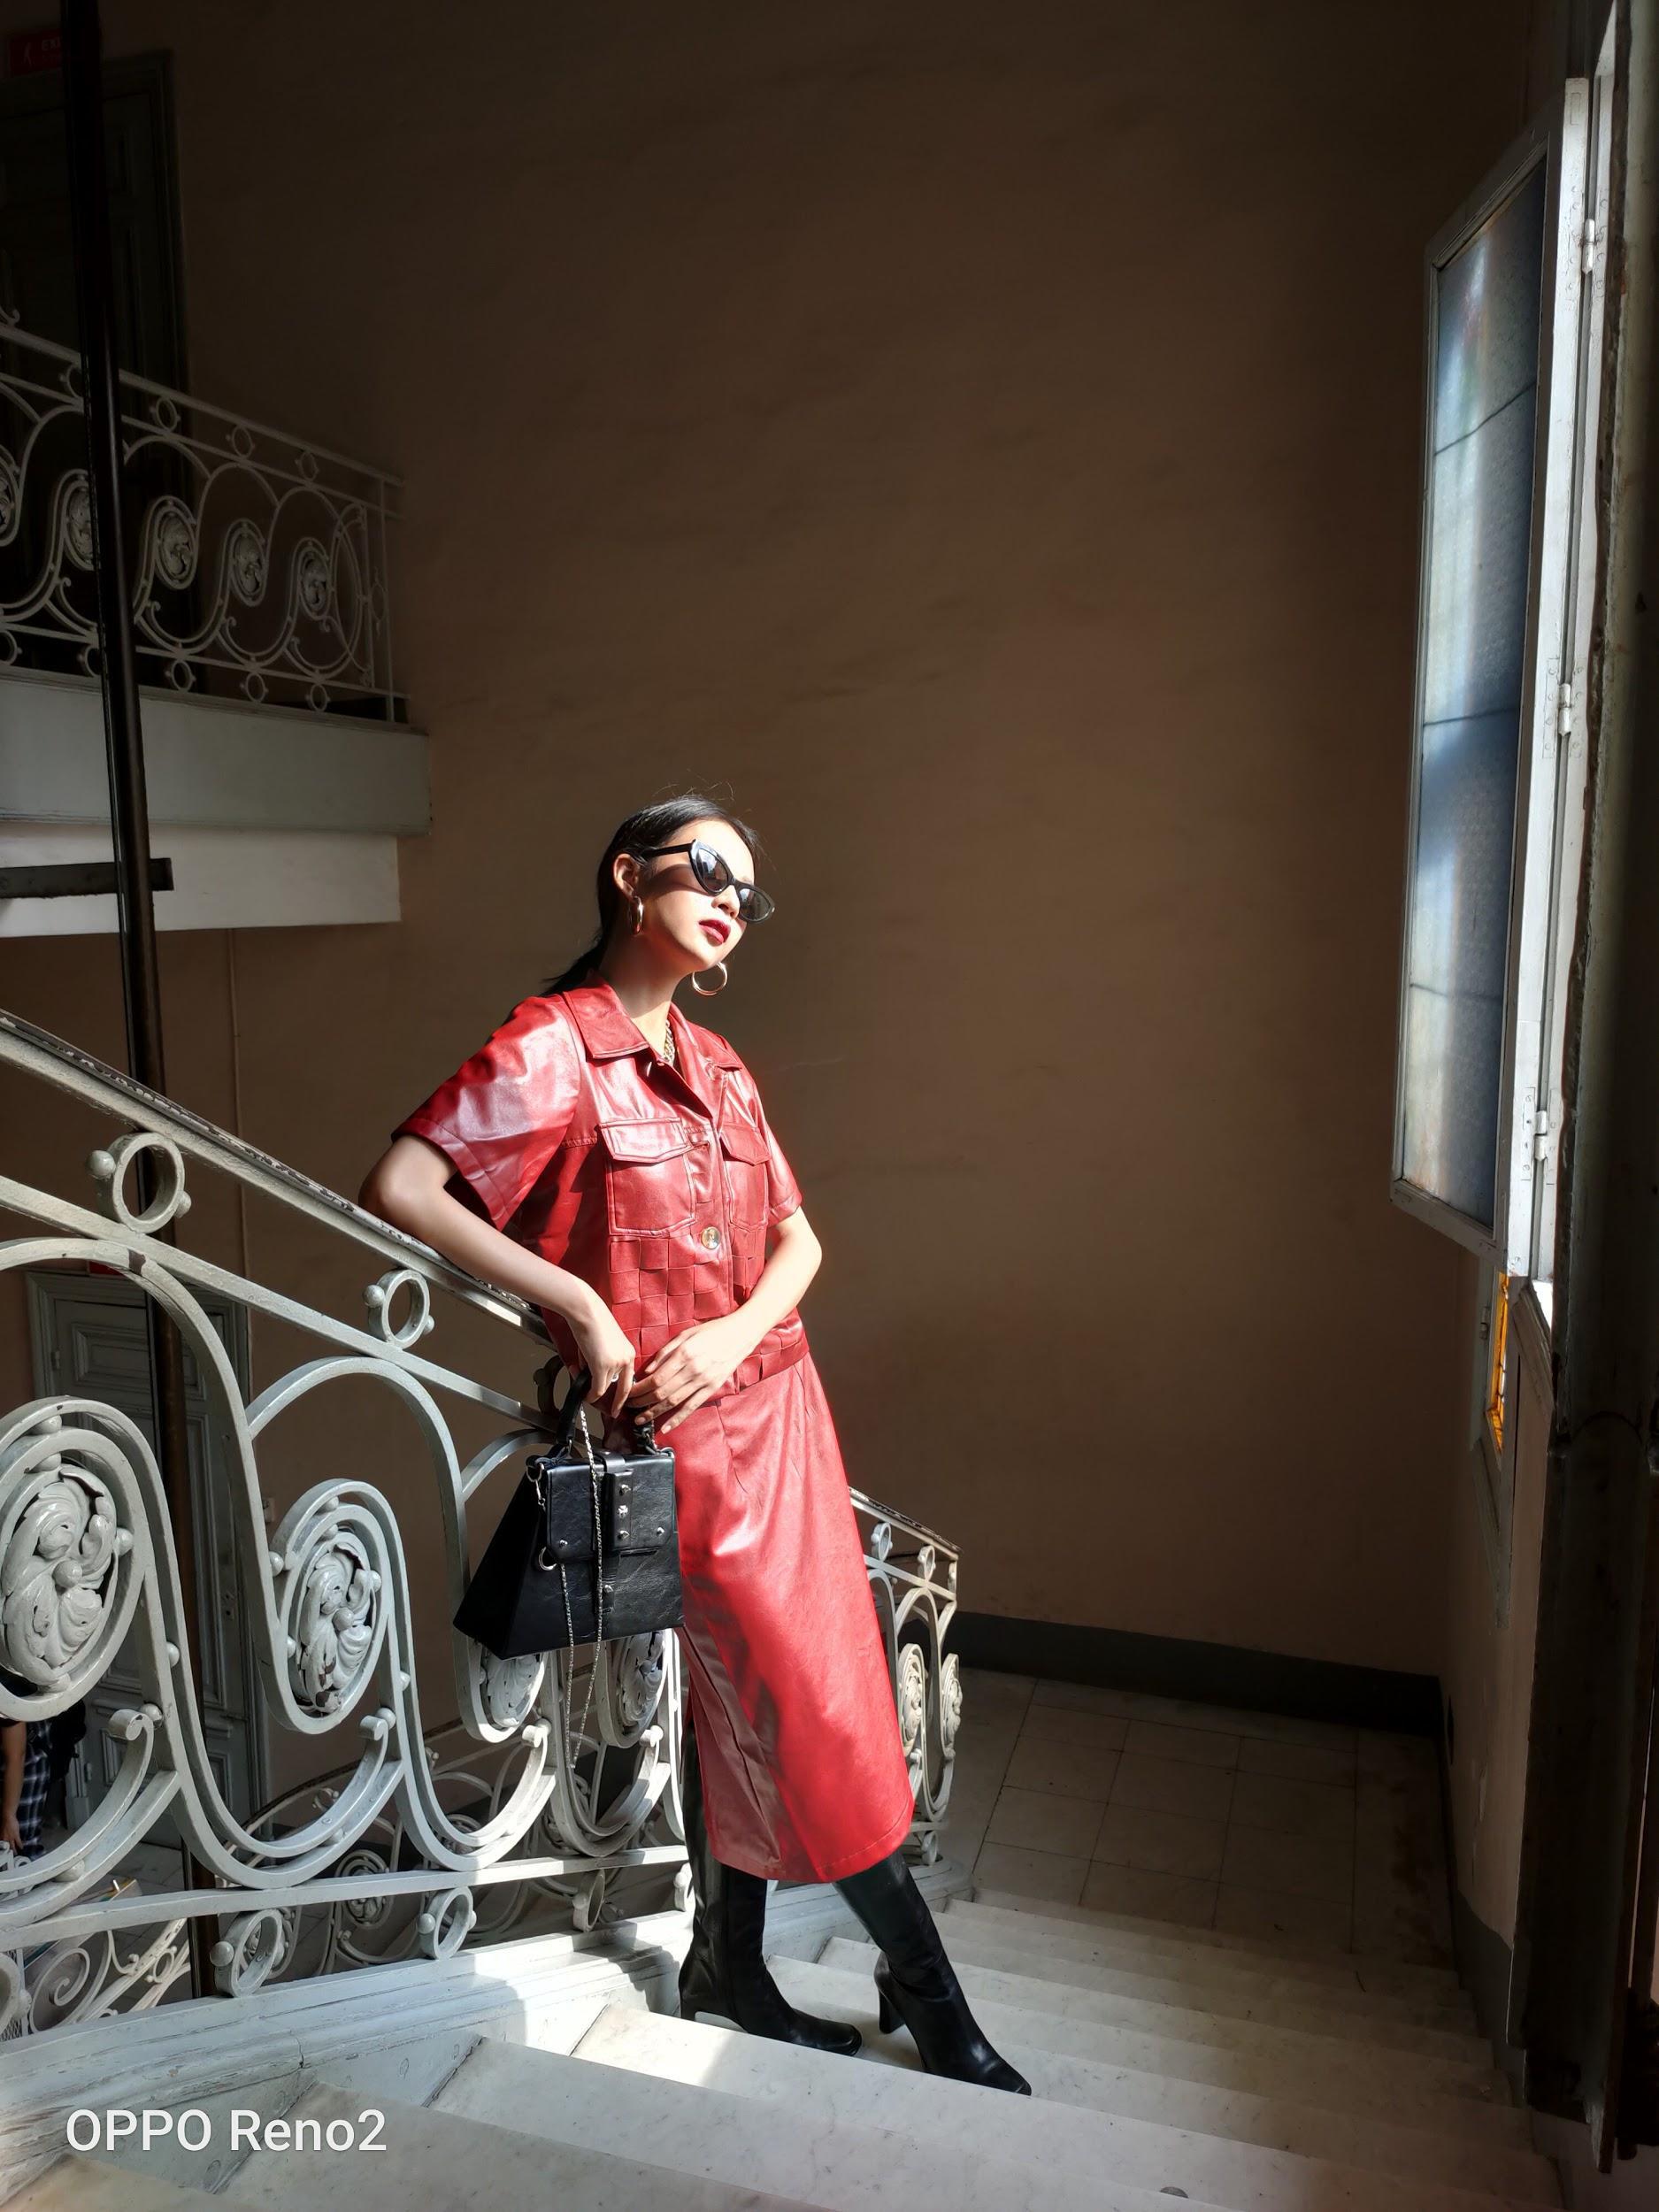 Cảnh quen Hà Nội - Sài Gòn bỗng chốc hóa đẹp lạ qua ống kính của An Japan, Phí Phương Anh - Ảnh 3.